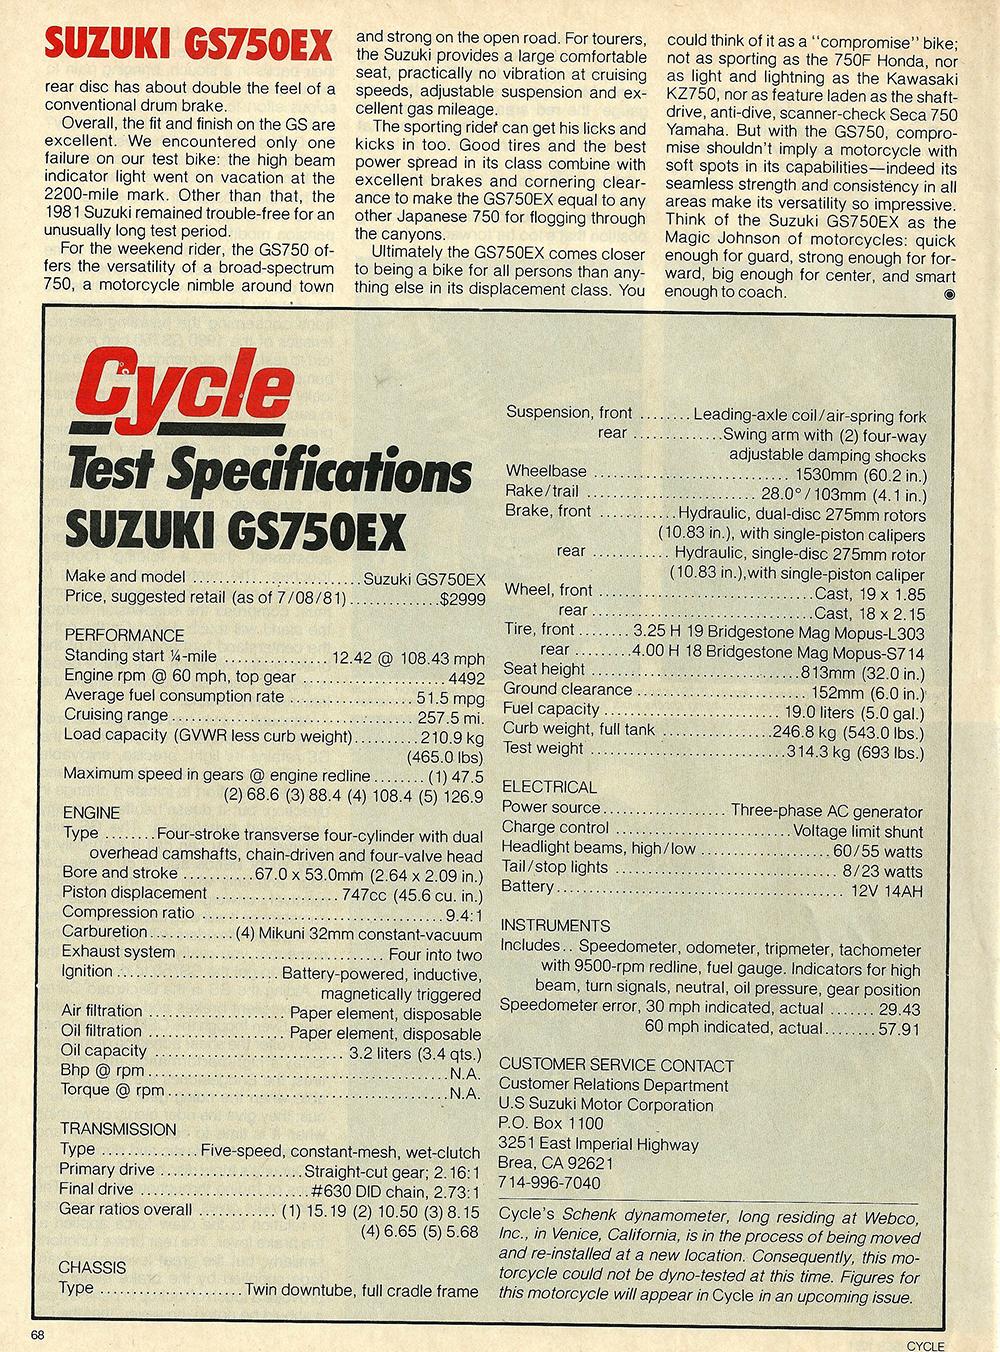 1981 Suzuki GS750 EX road test 06.jpg